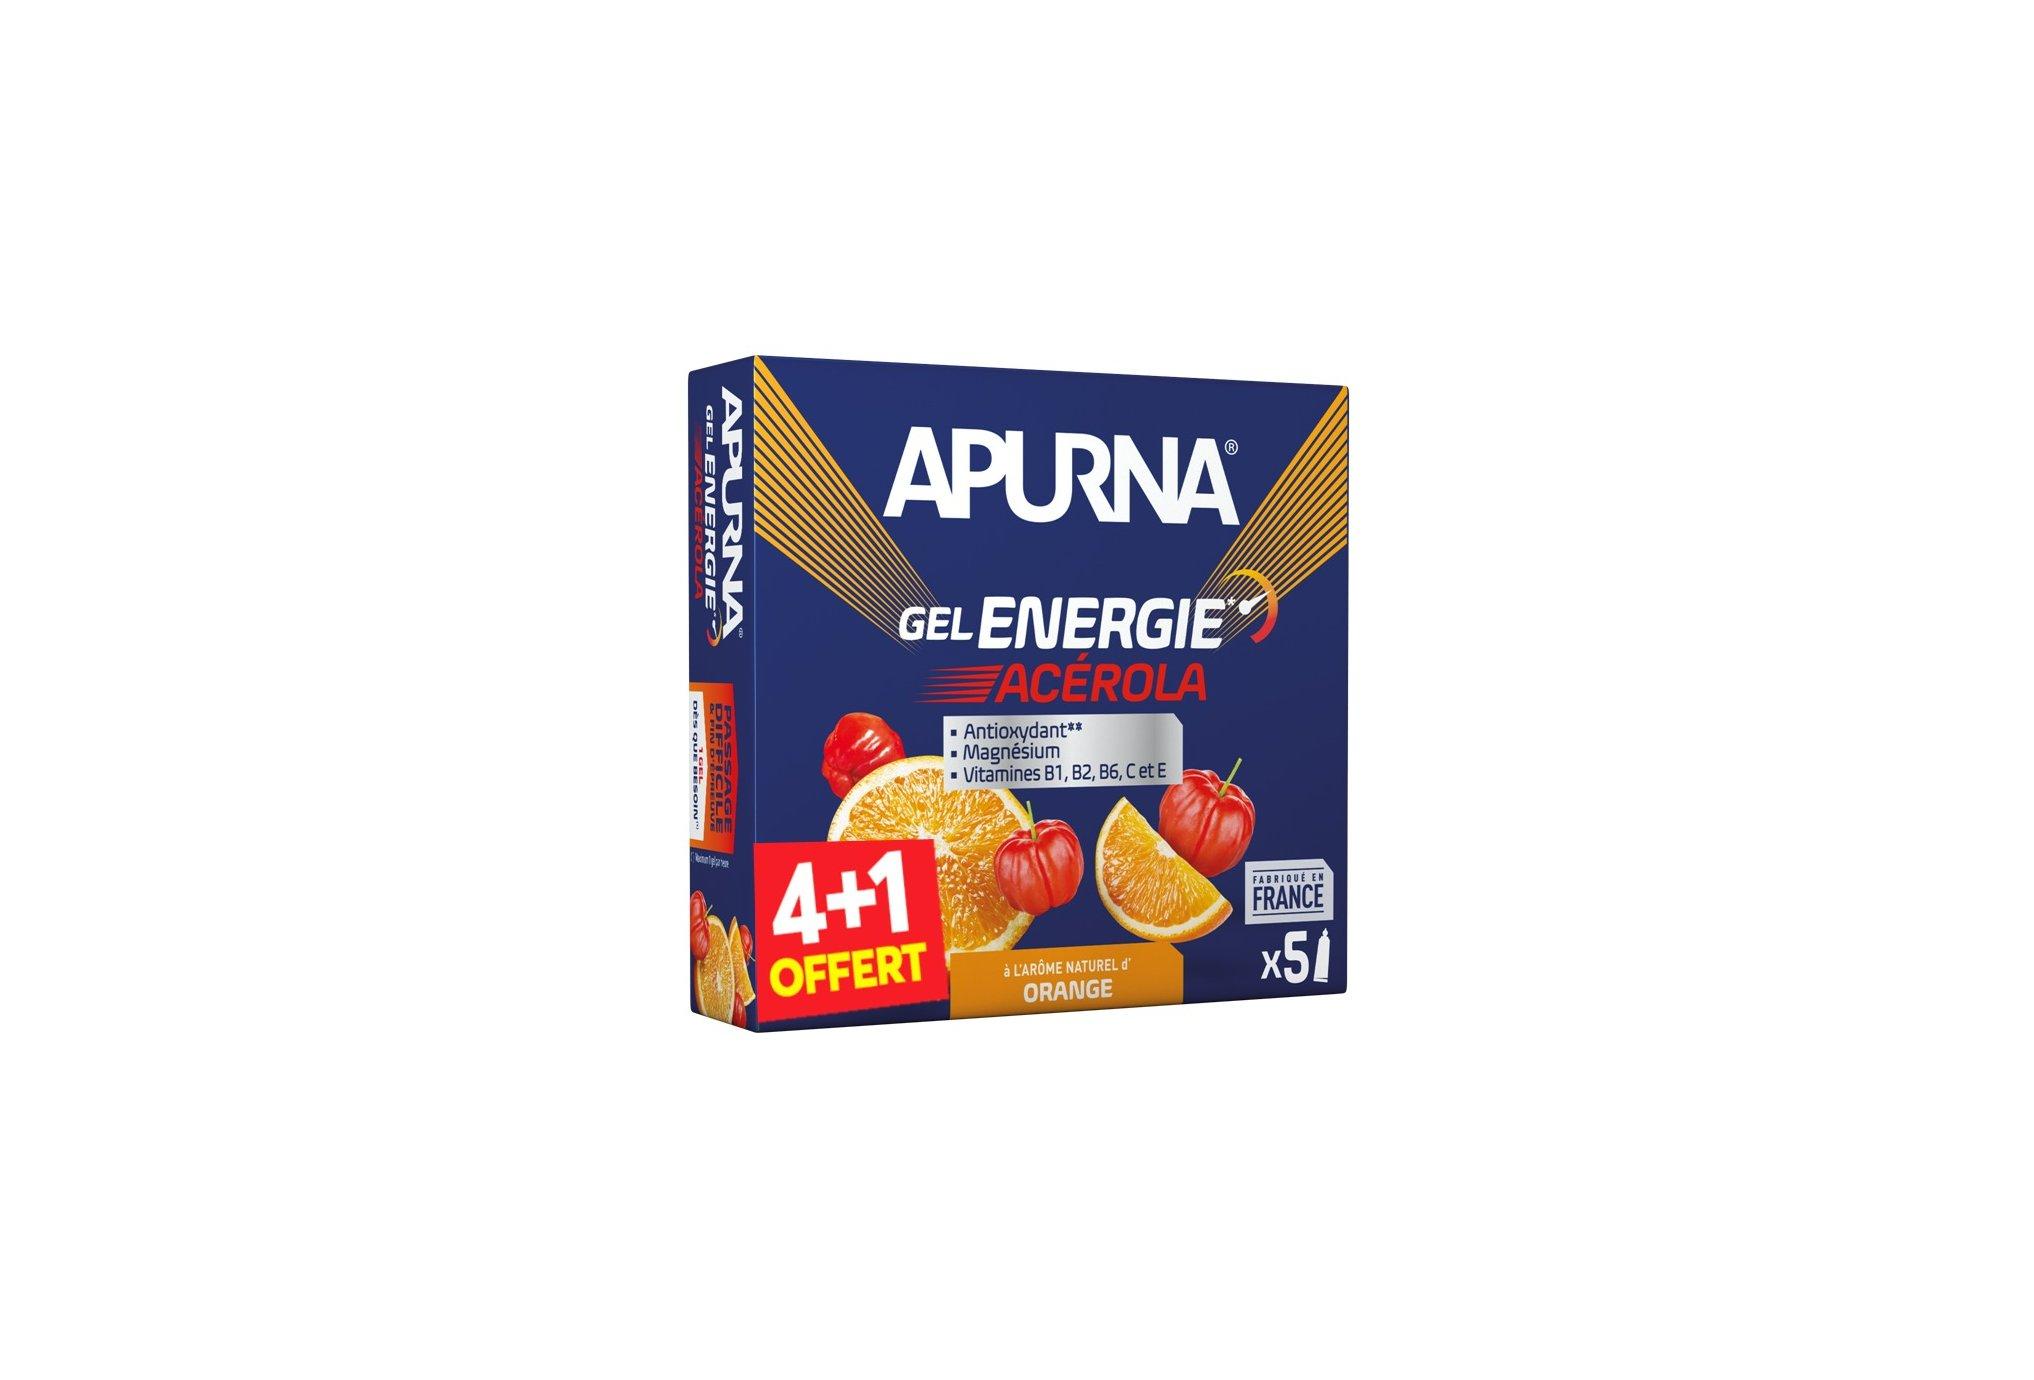 Apurna Etui gels énergie acérola 4+1 diététique gels